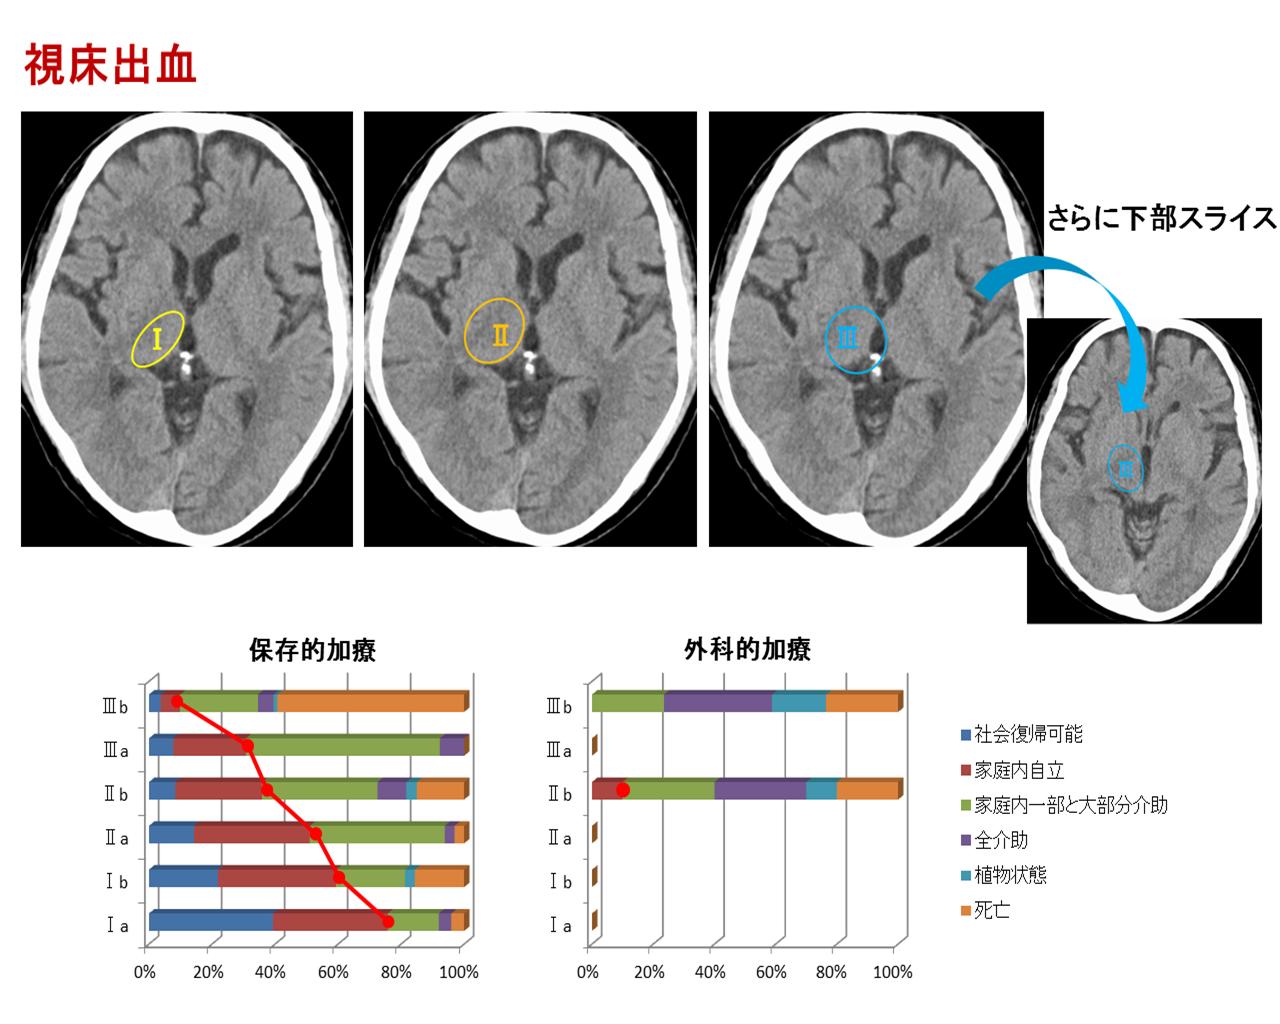 CT分類視床出血